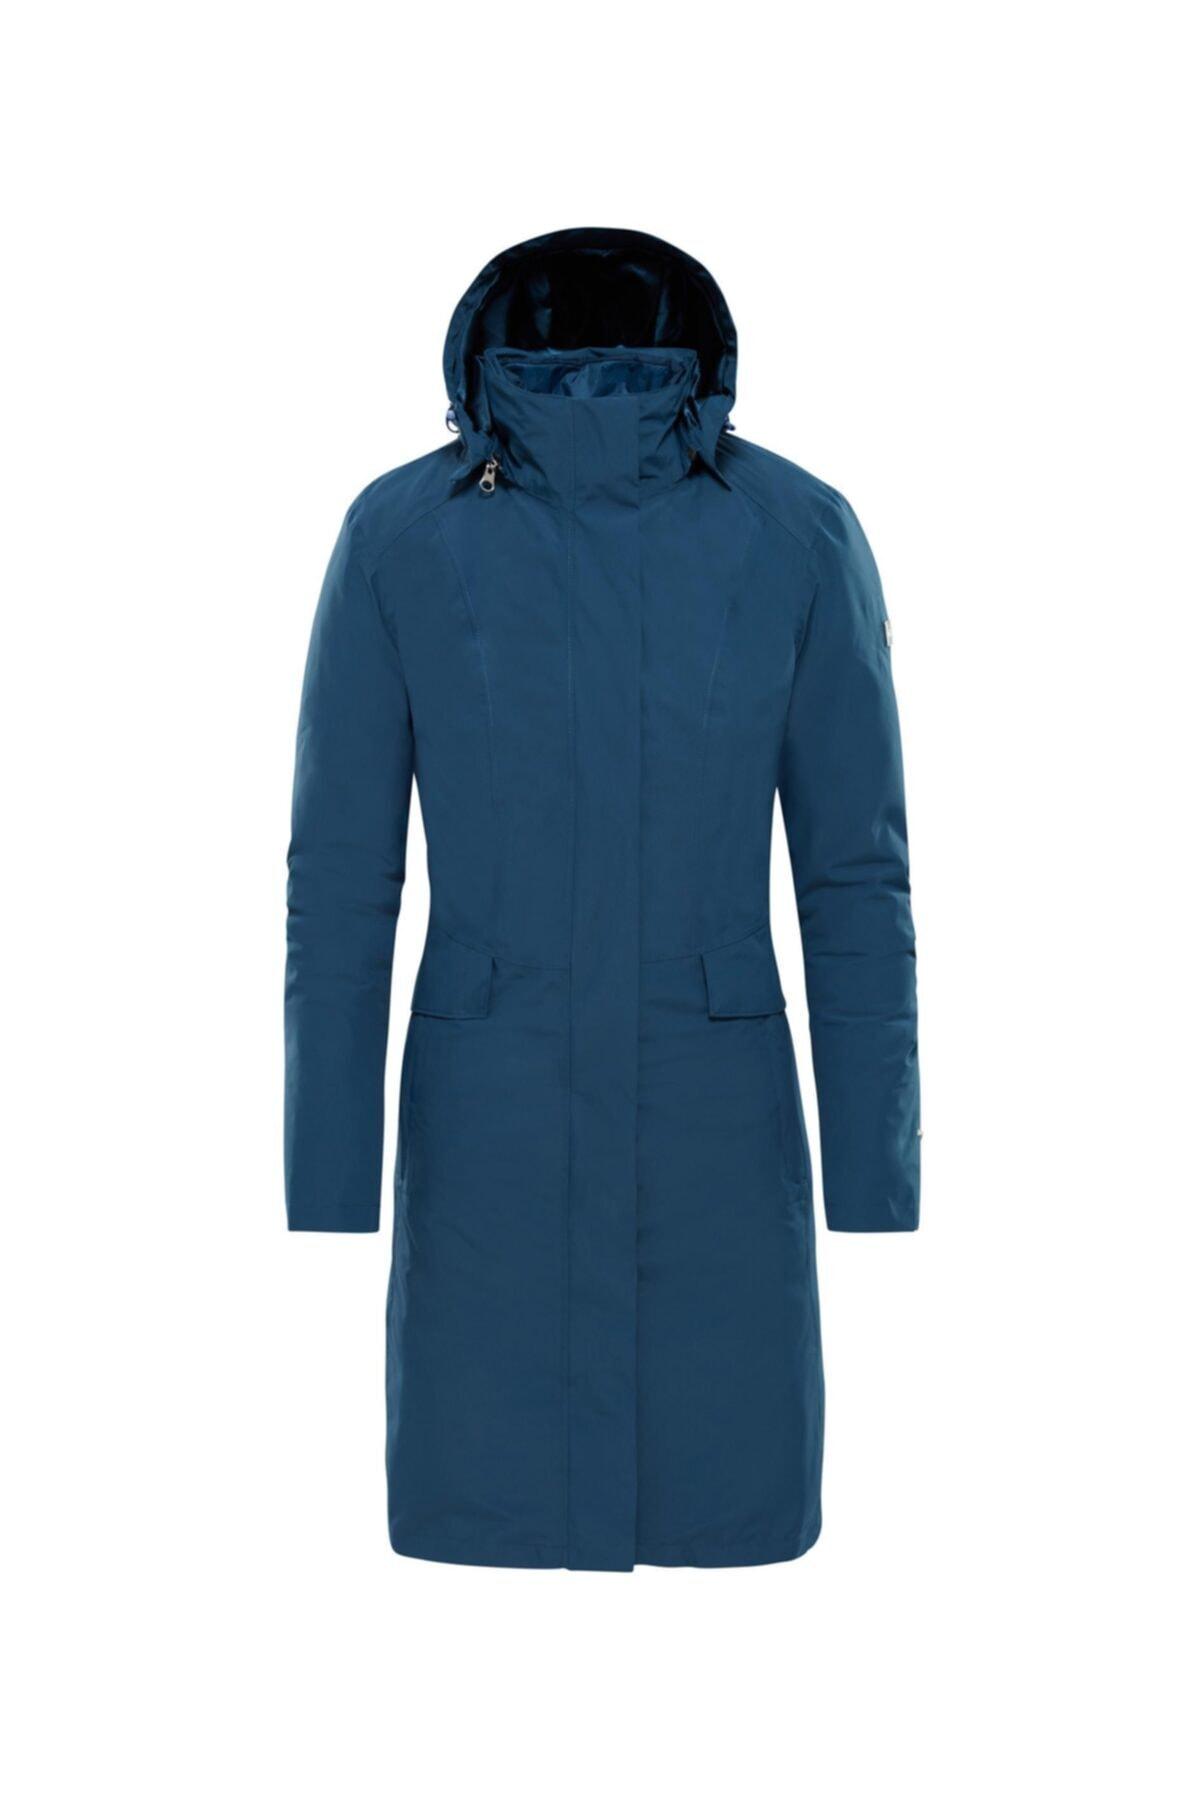 خرید اینترنتی کاپشن ورزشی خاص برند نورث فیس The North Face رنگ آبی کد ty3988619